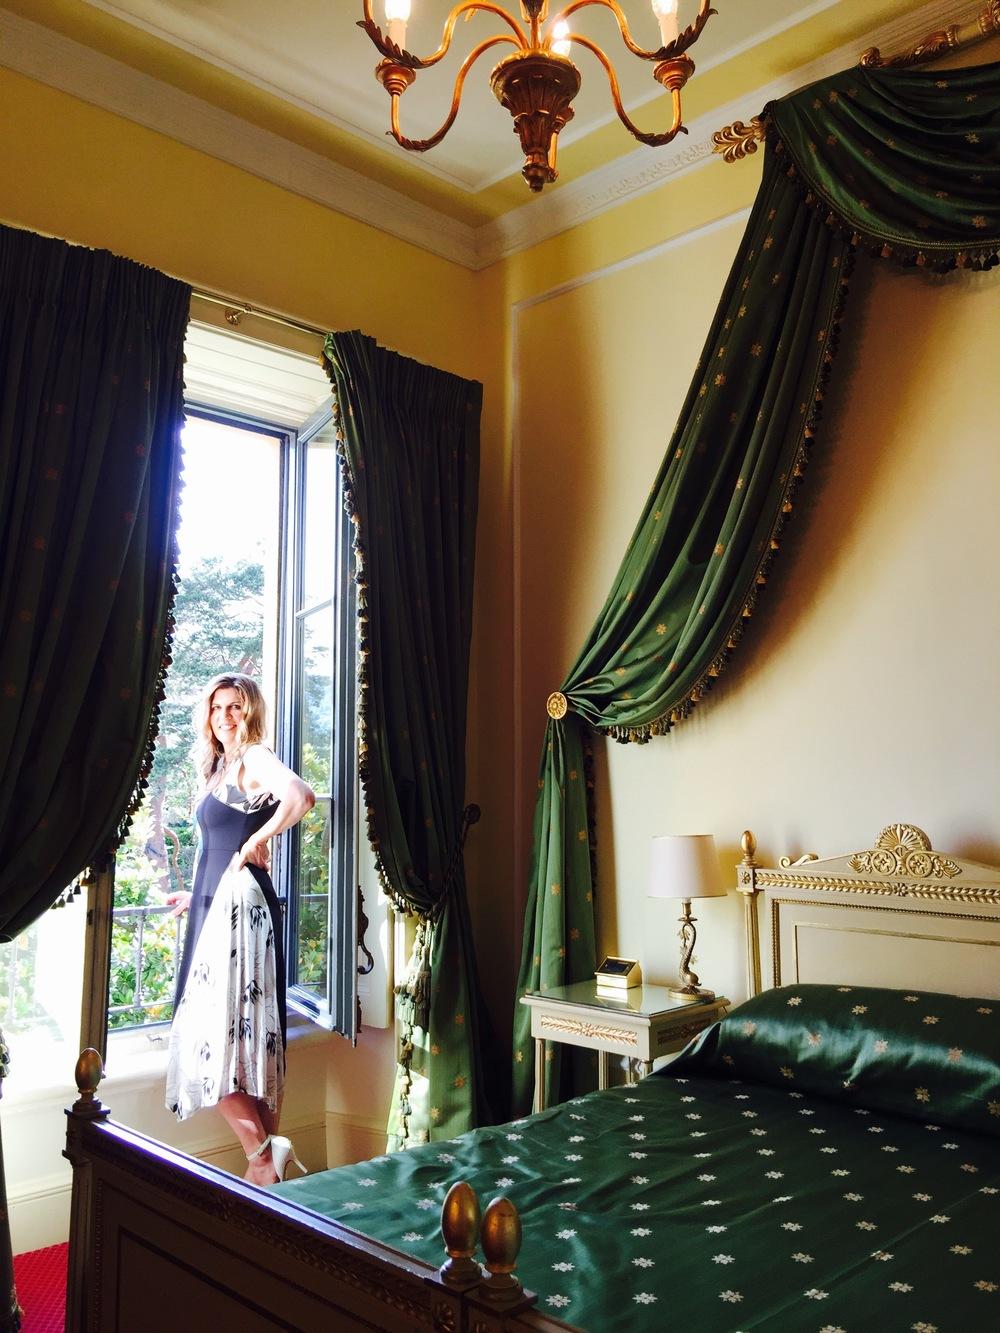 The beautiful rooms at the Villa d'Este